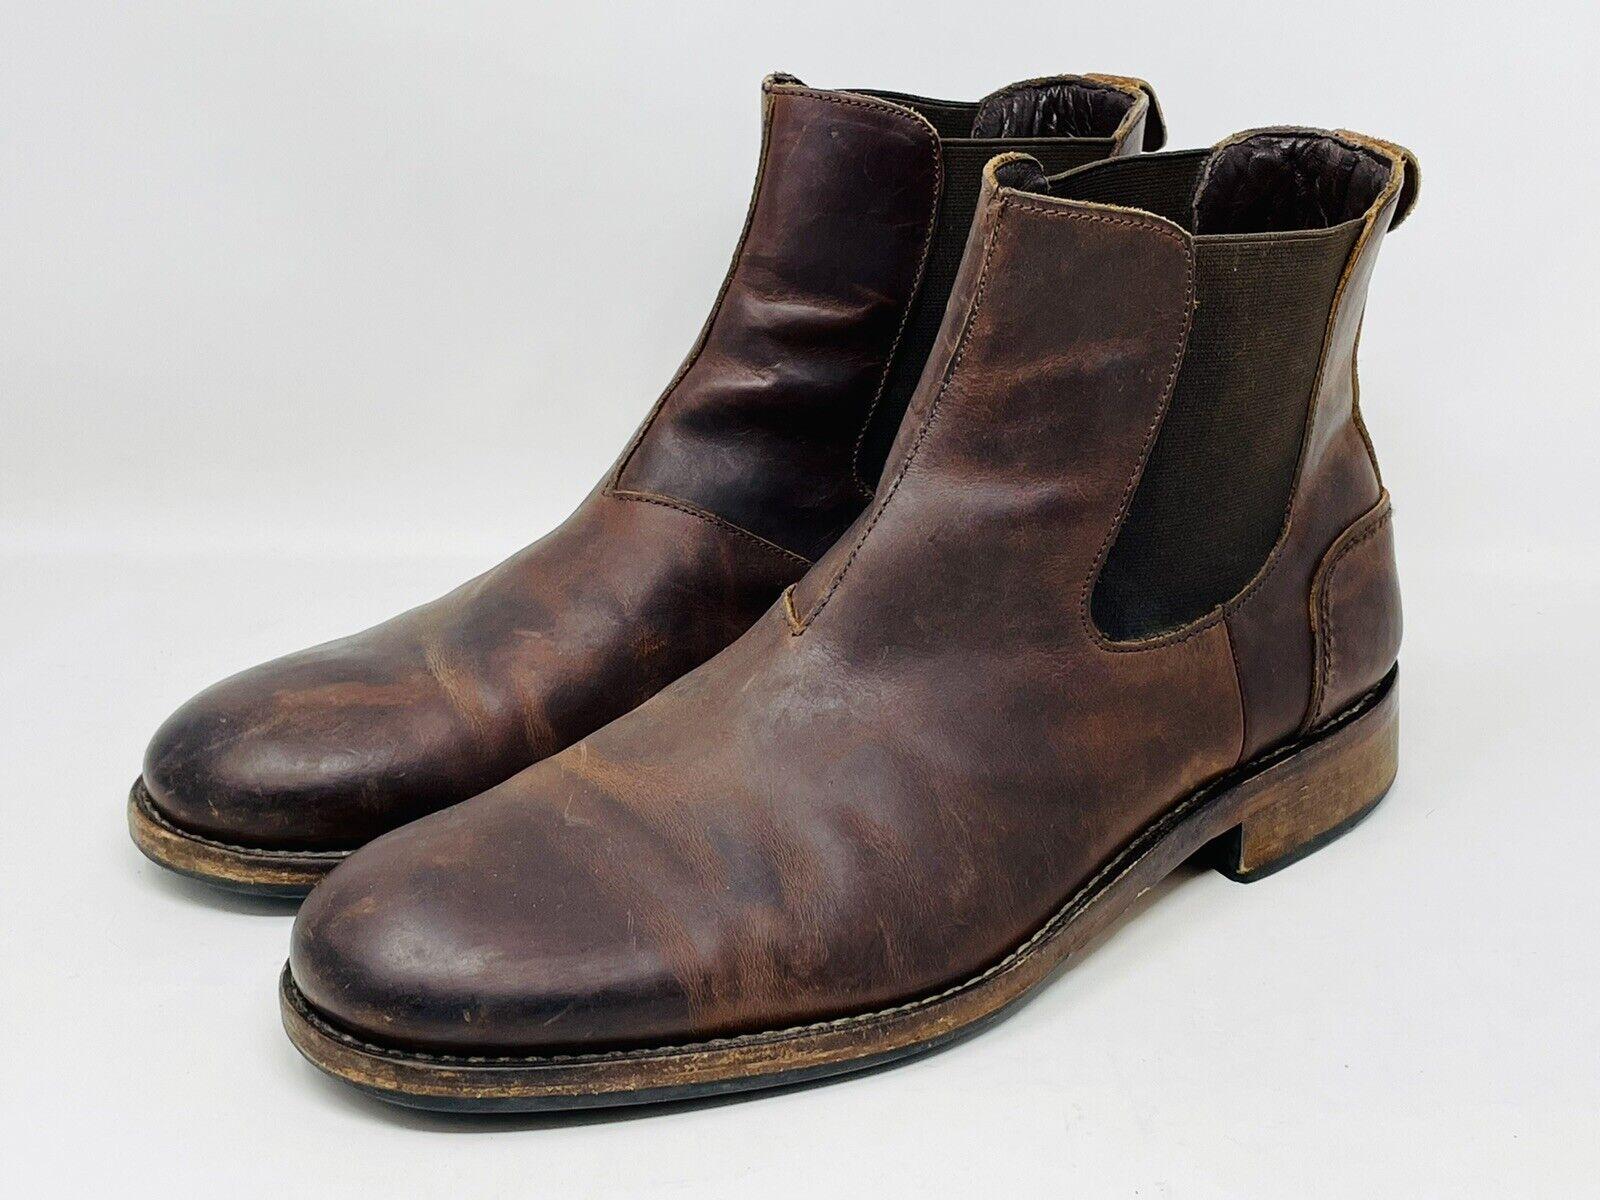 Wolverine 1000 Mile Montague Boots Brown Leather Chelsea Ankle Mens Sz 12 D